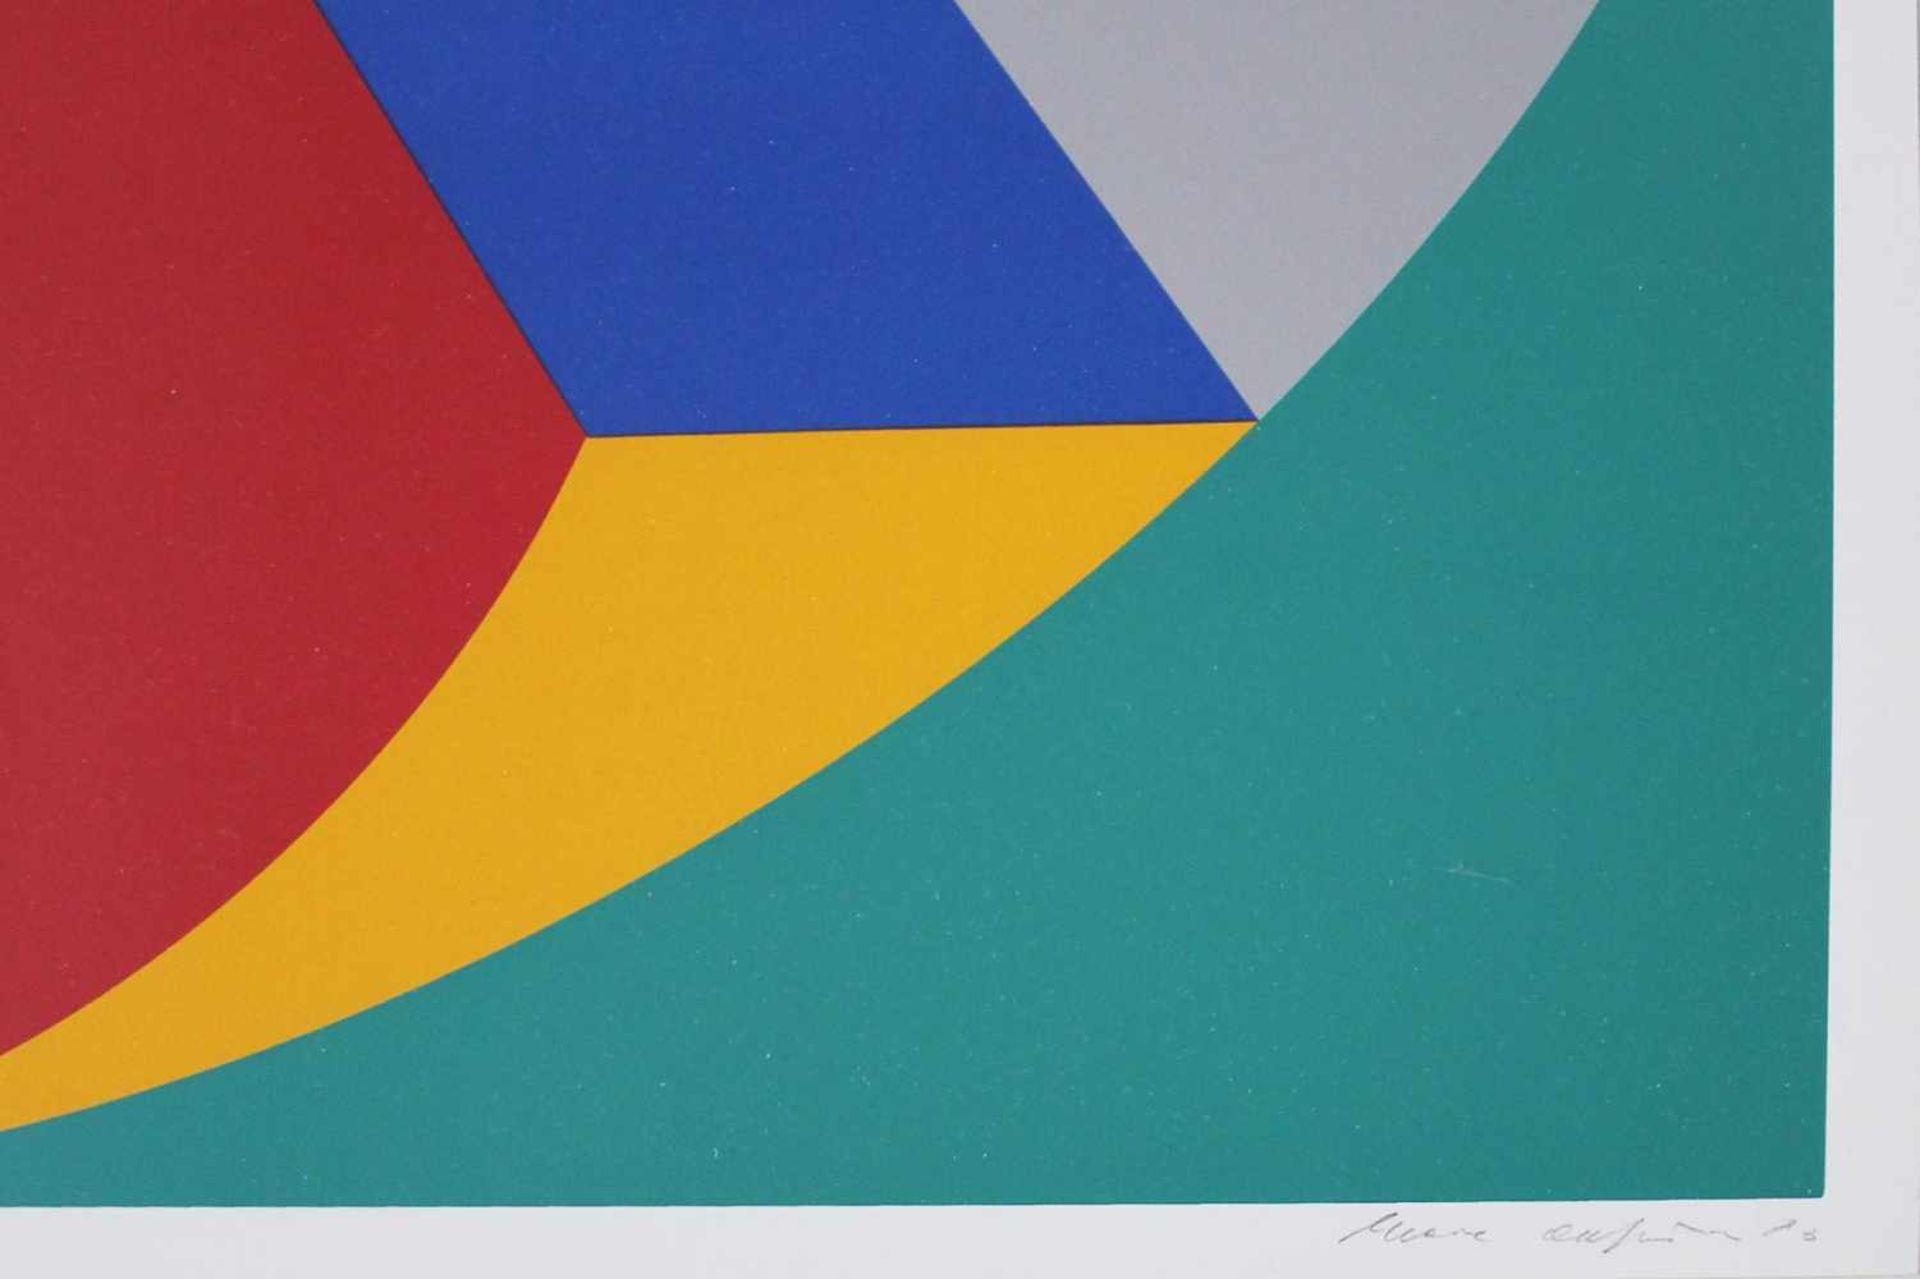 Marc Adrian 1930-2008 Poems Inventionistes II 1973 Farbserigraphie handsigniert und nummeriert 72/ - Bild 3 aus 4